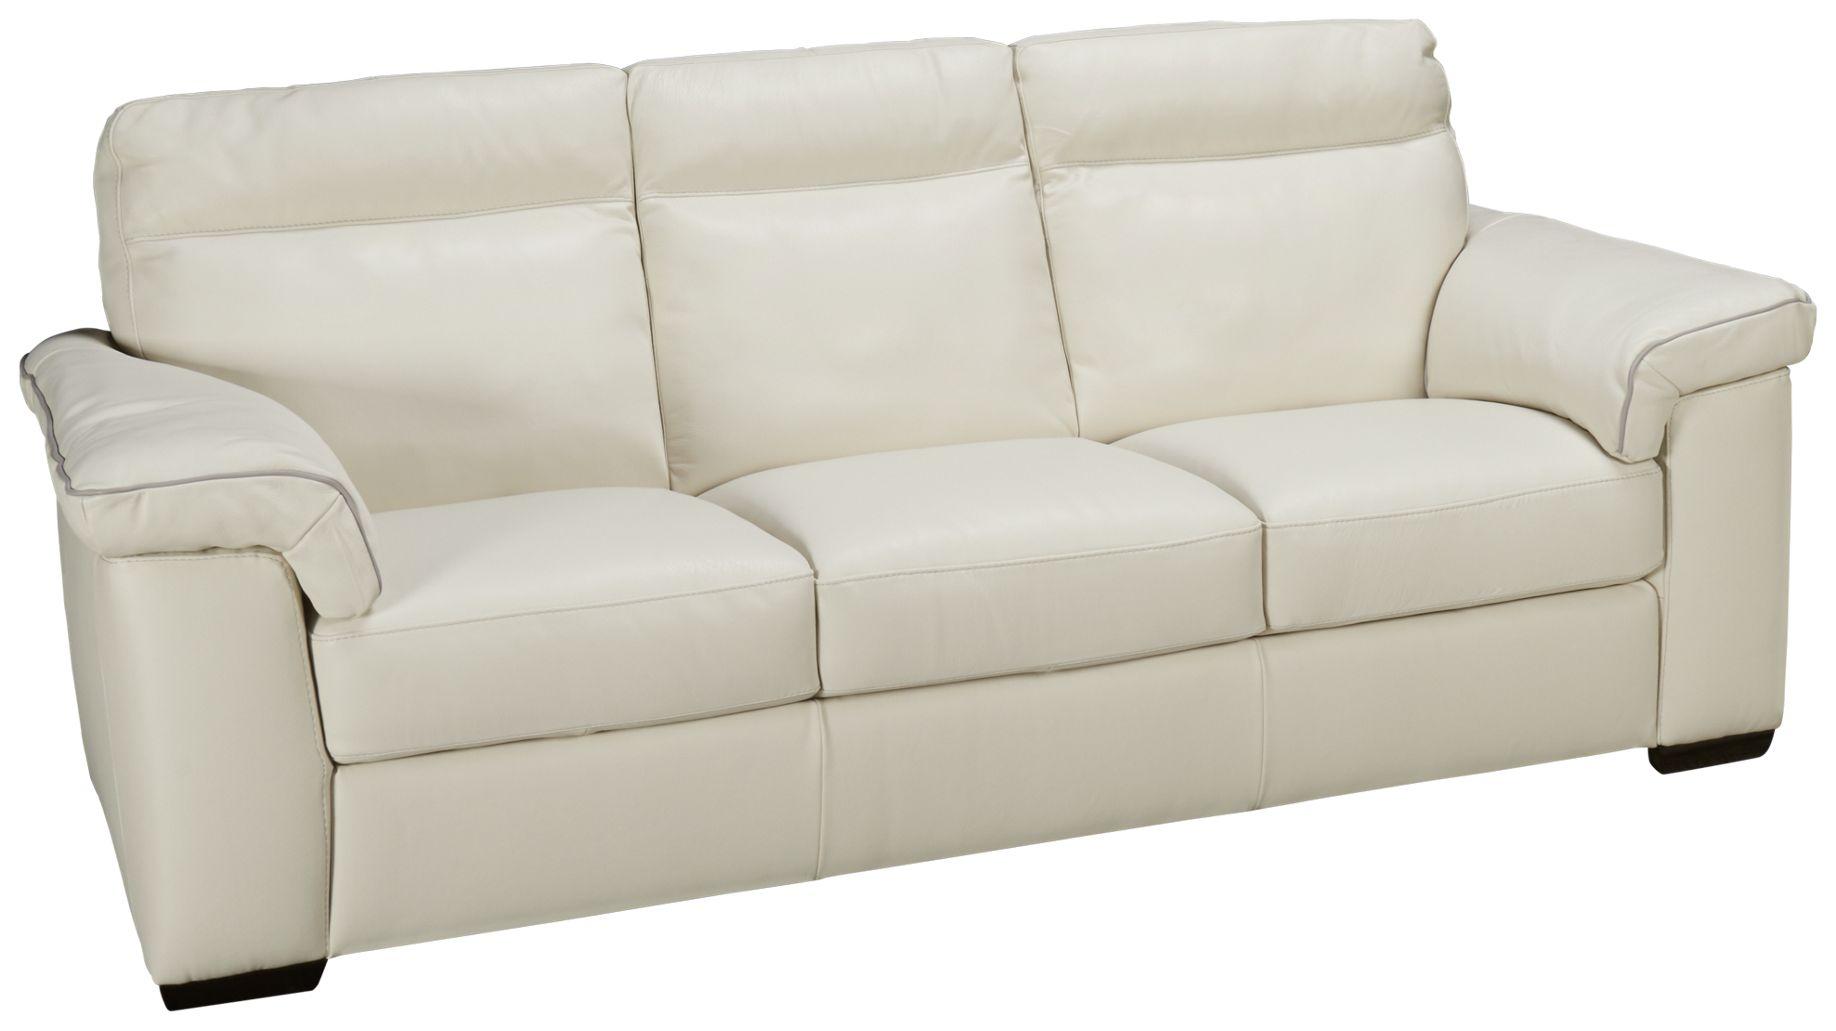 natuzzi editions delaney natuzzi editions delaney leather sofa natuzzi editions delaney leather sofa